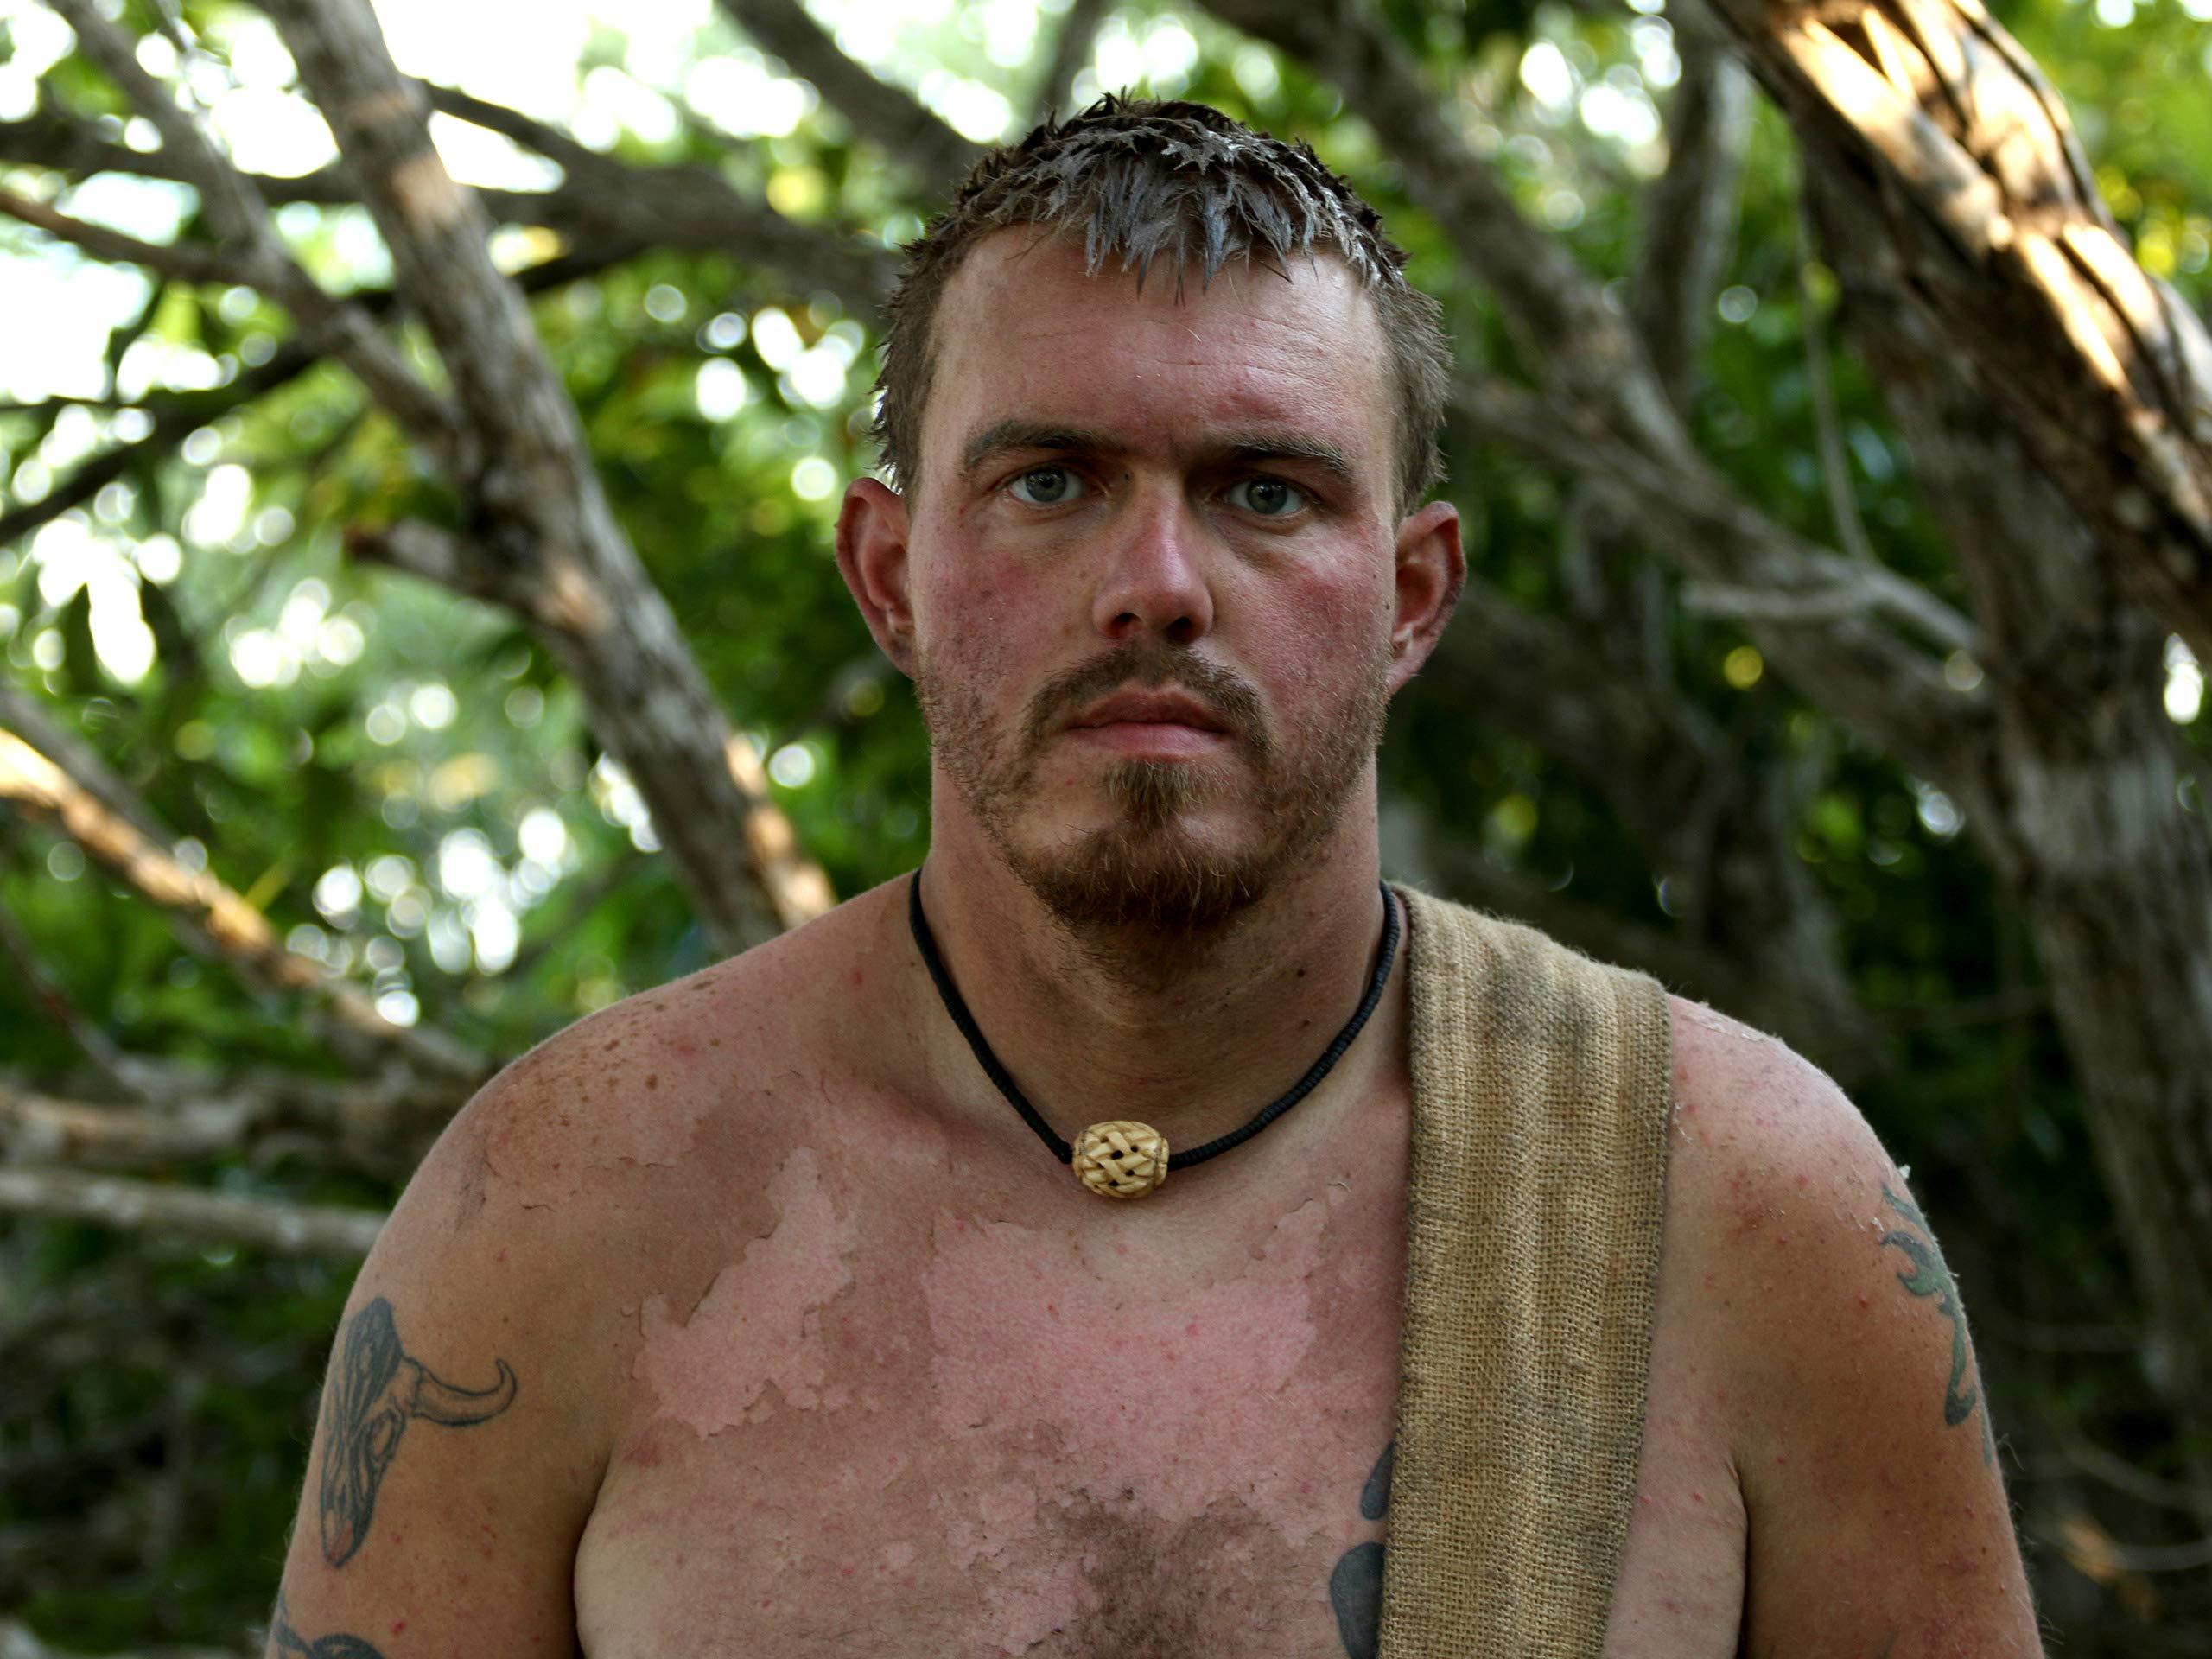 Naked Survival - Ausgezogen in die Wildnis - Discovery